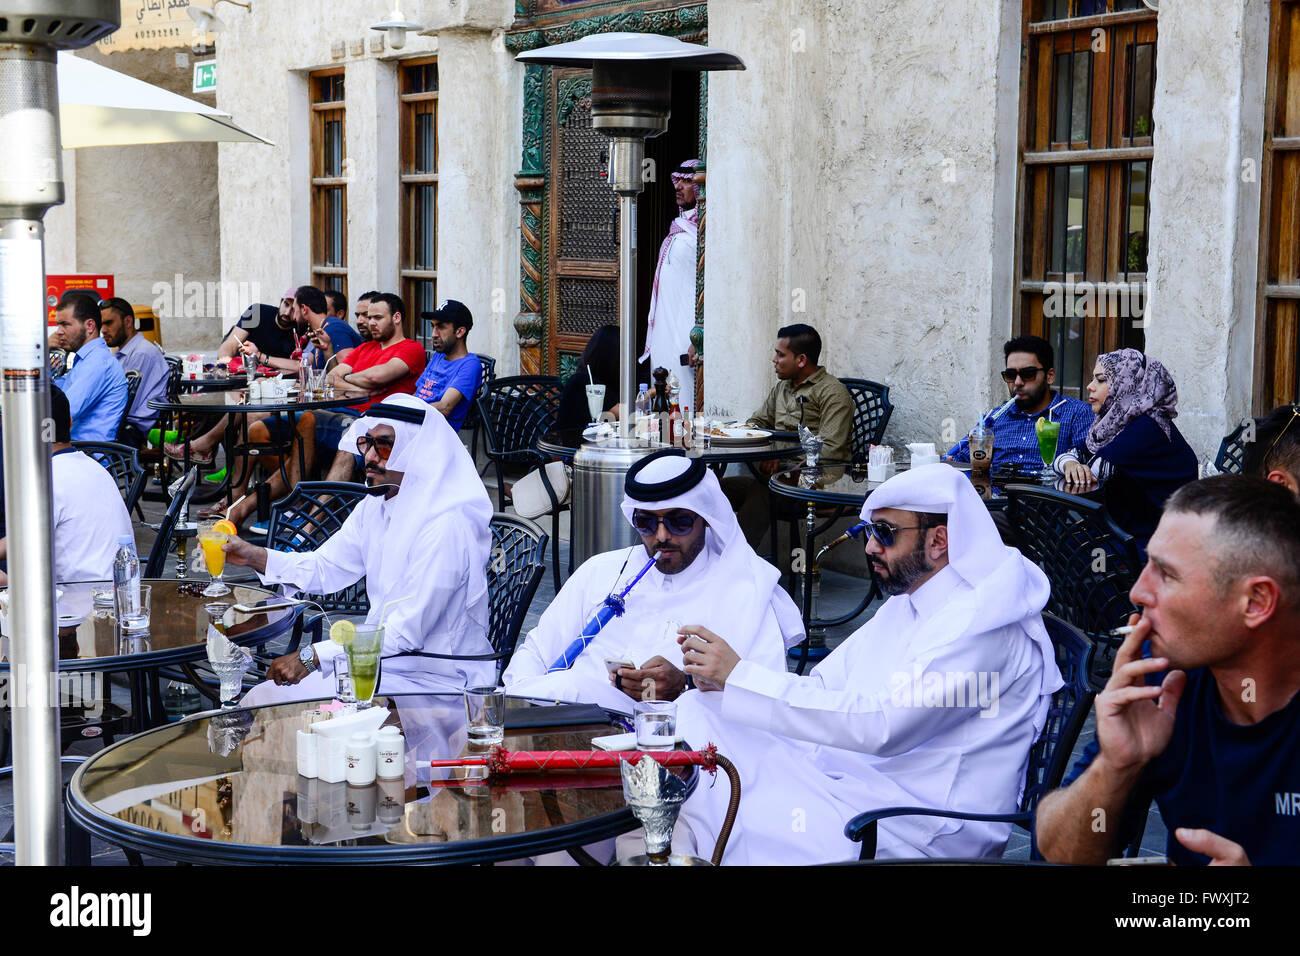 Il Qatar Doha, Bazar Souq Waqif, Sheikh in shisha cafe / KATAR, Doha, Basar Souk Wakif, Scheichs in Shisha Cafe Immagini Stock